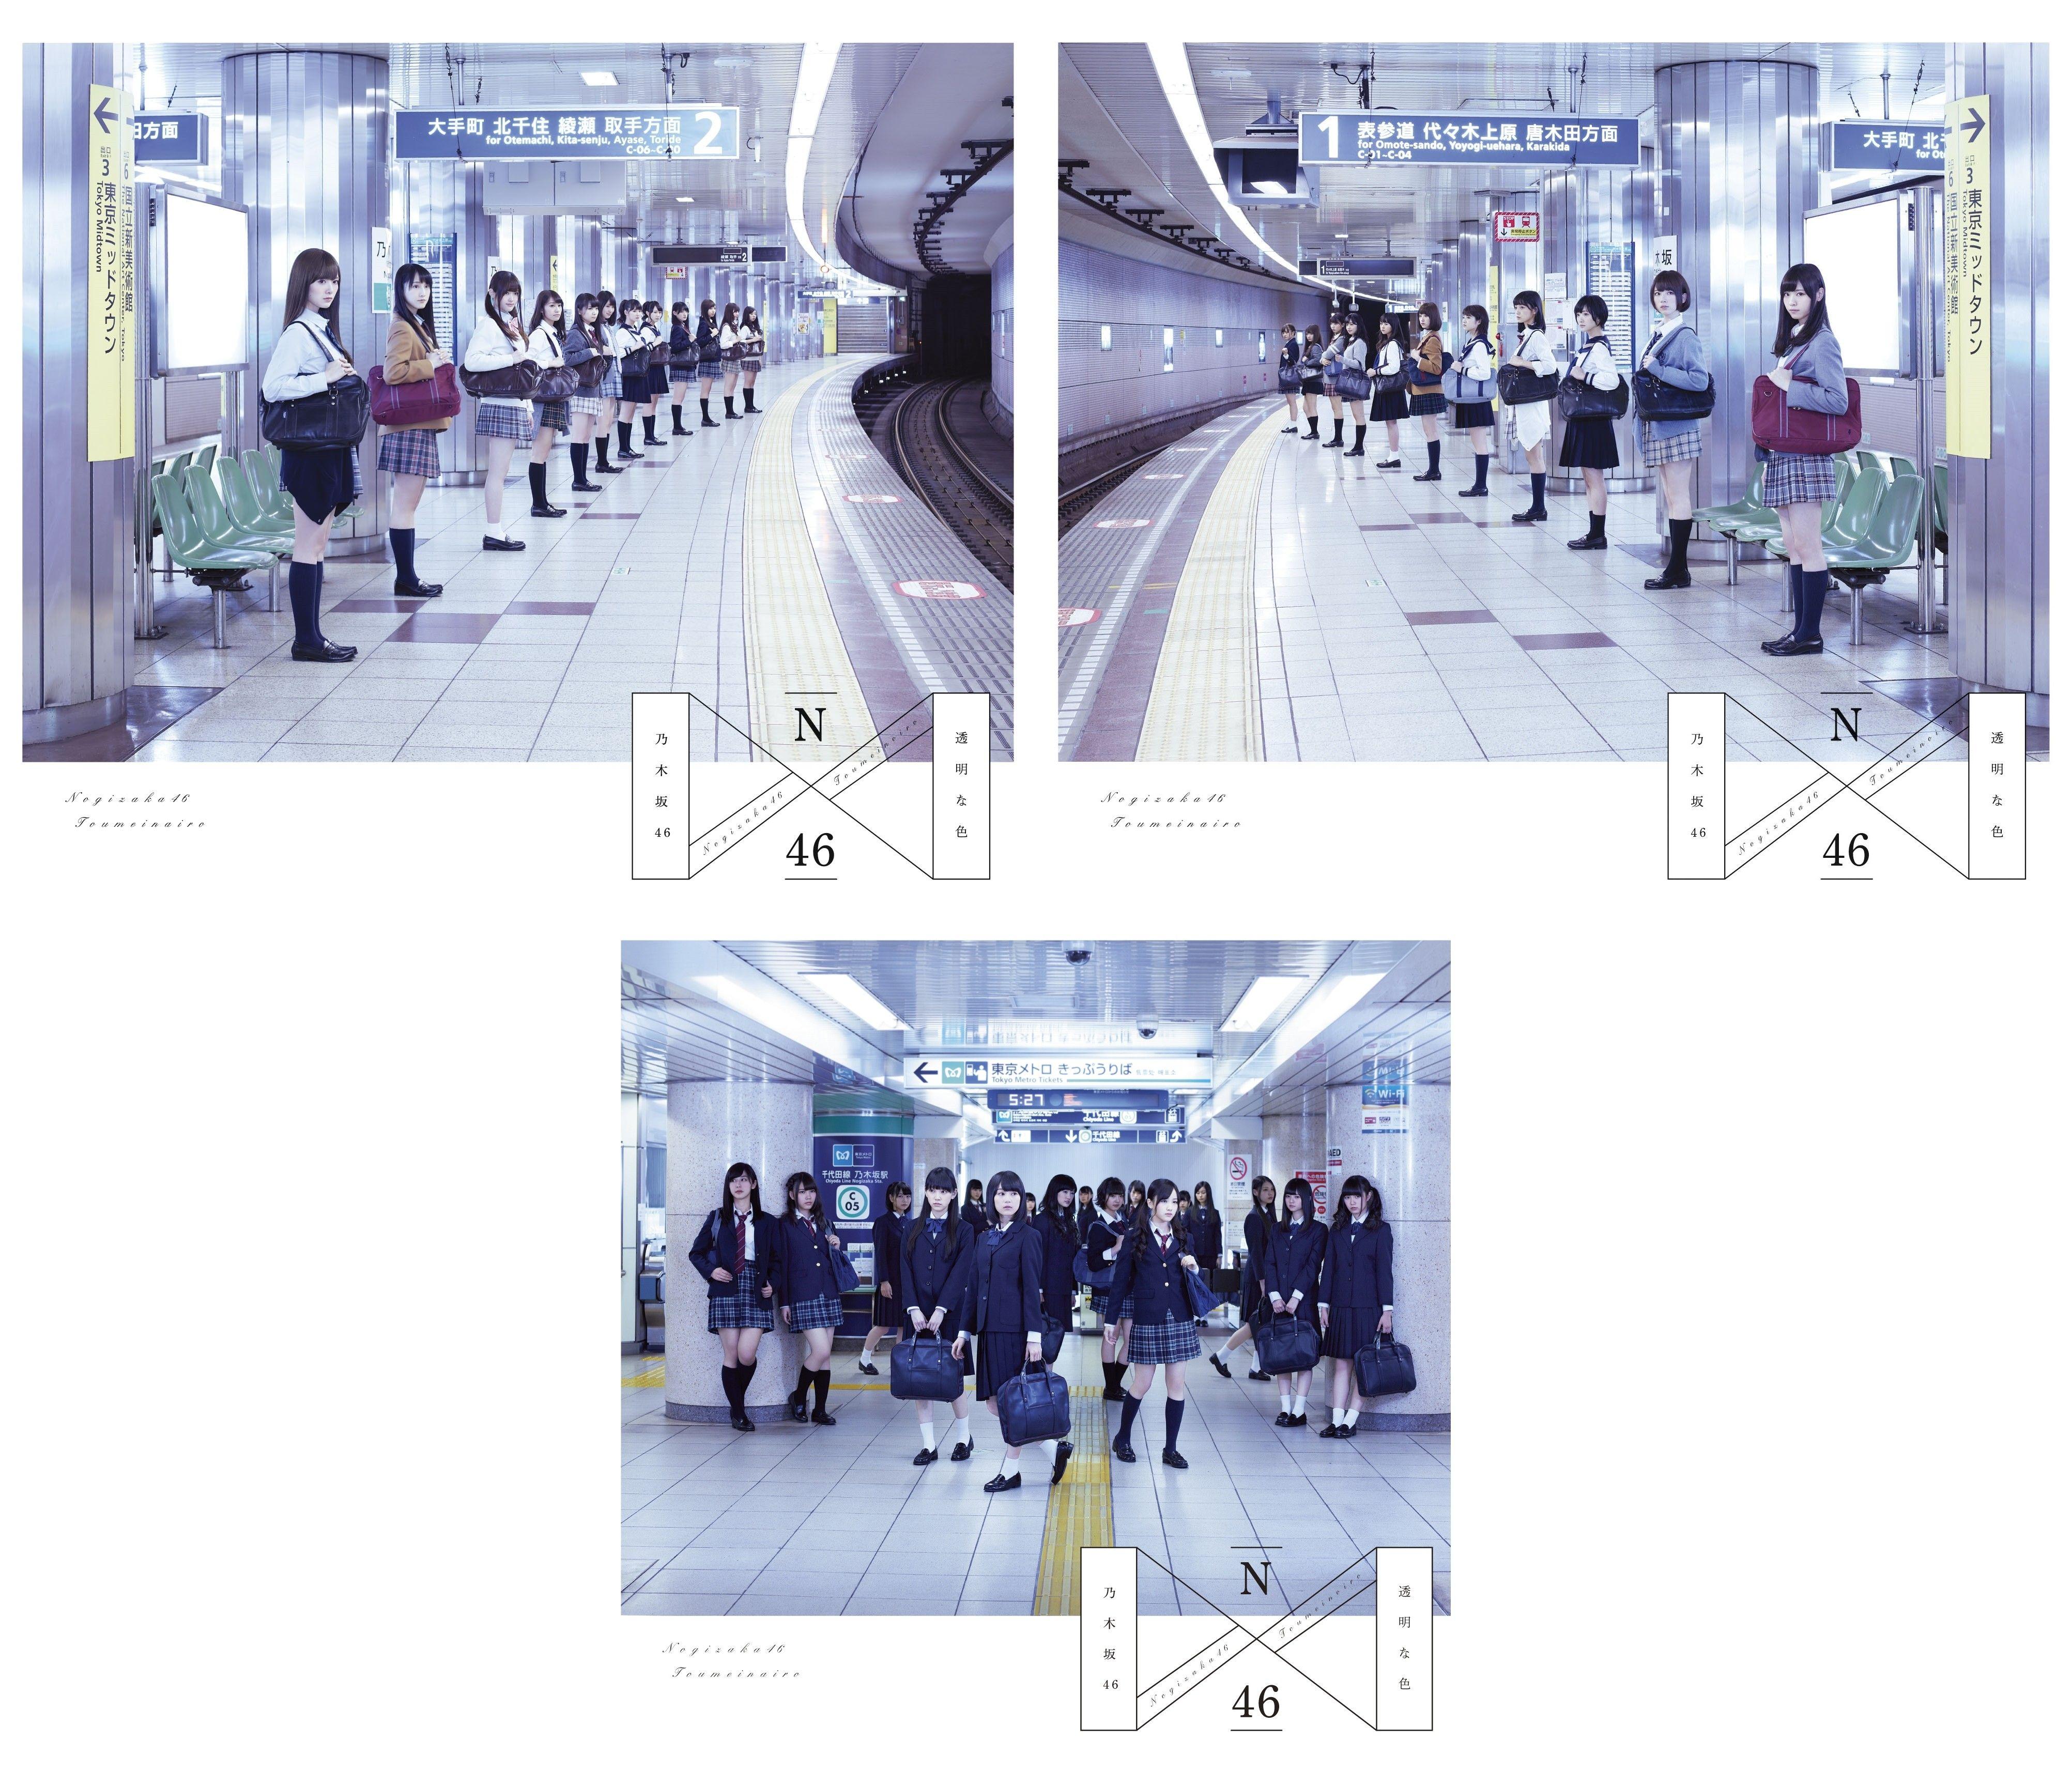 乃木坂46 アルバム 写真